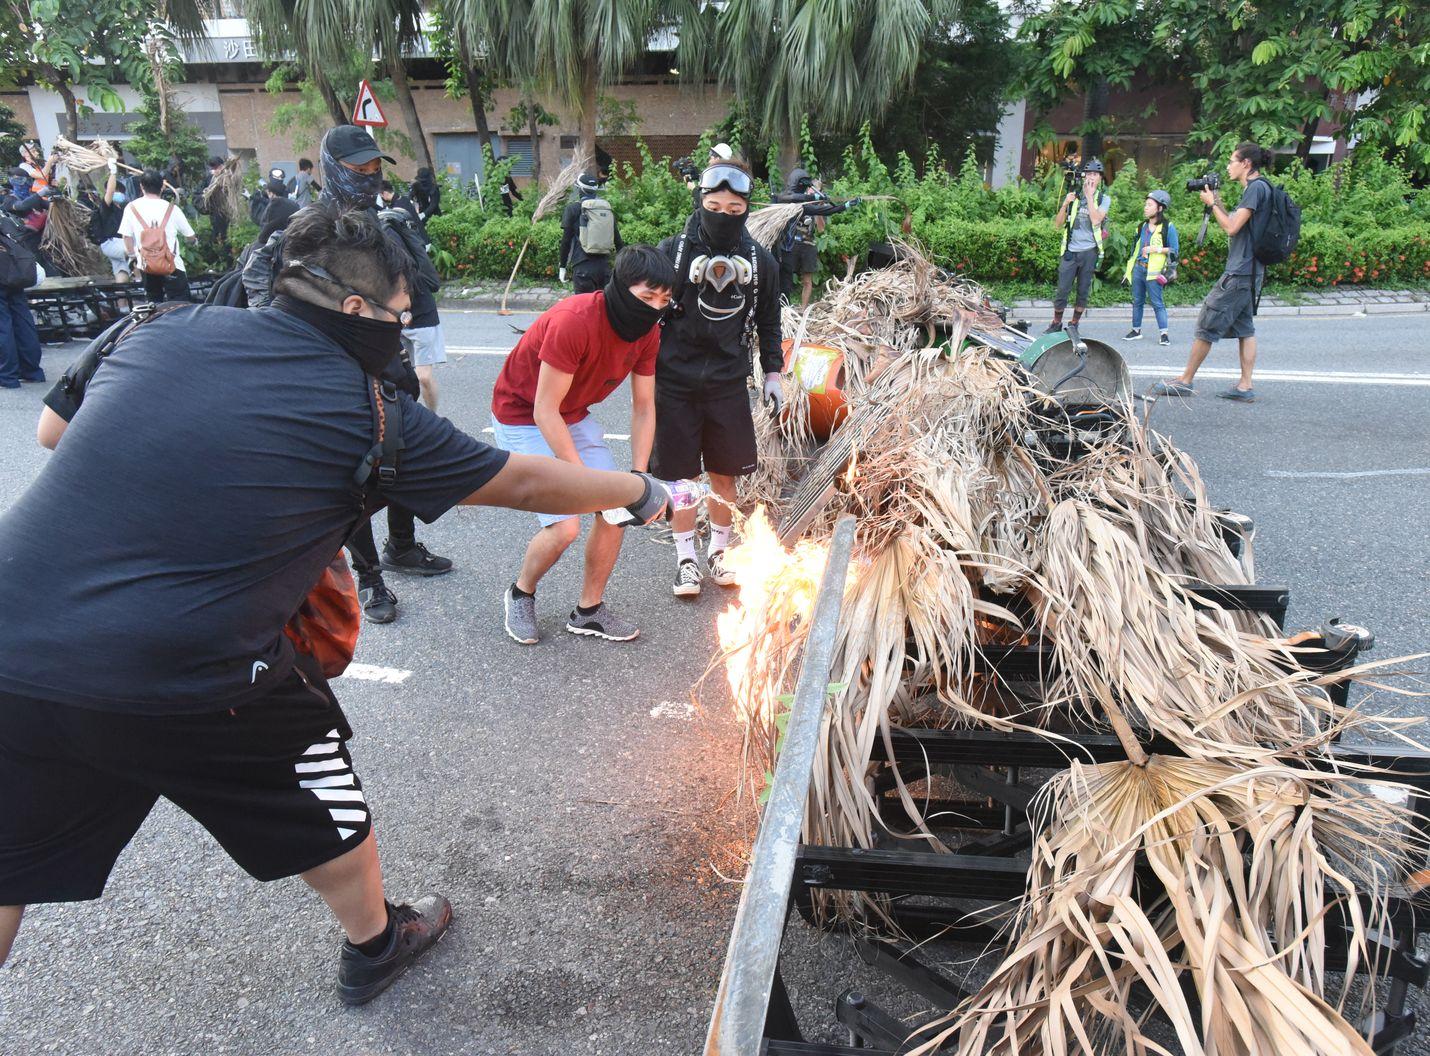 社會示威活動仍未平息。資料圖片